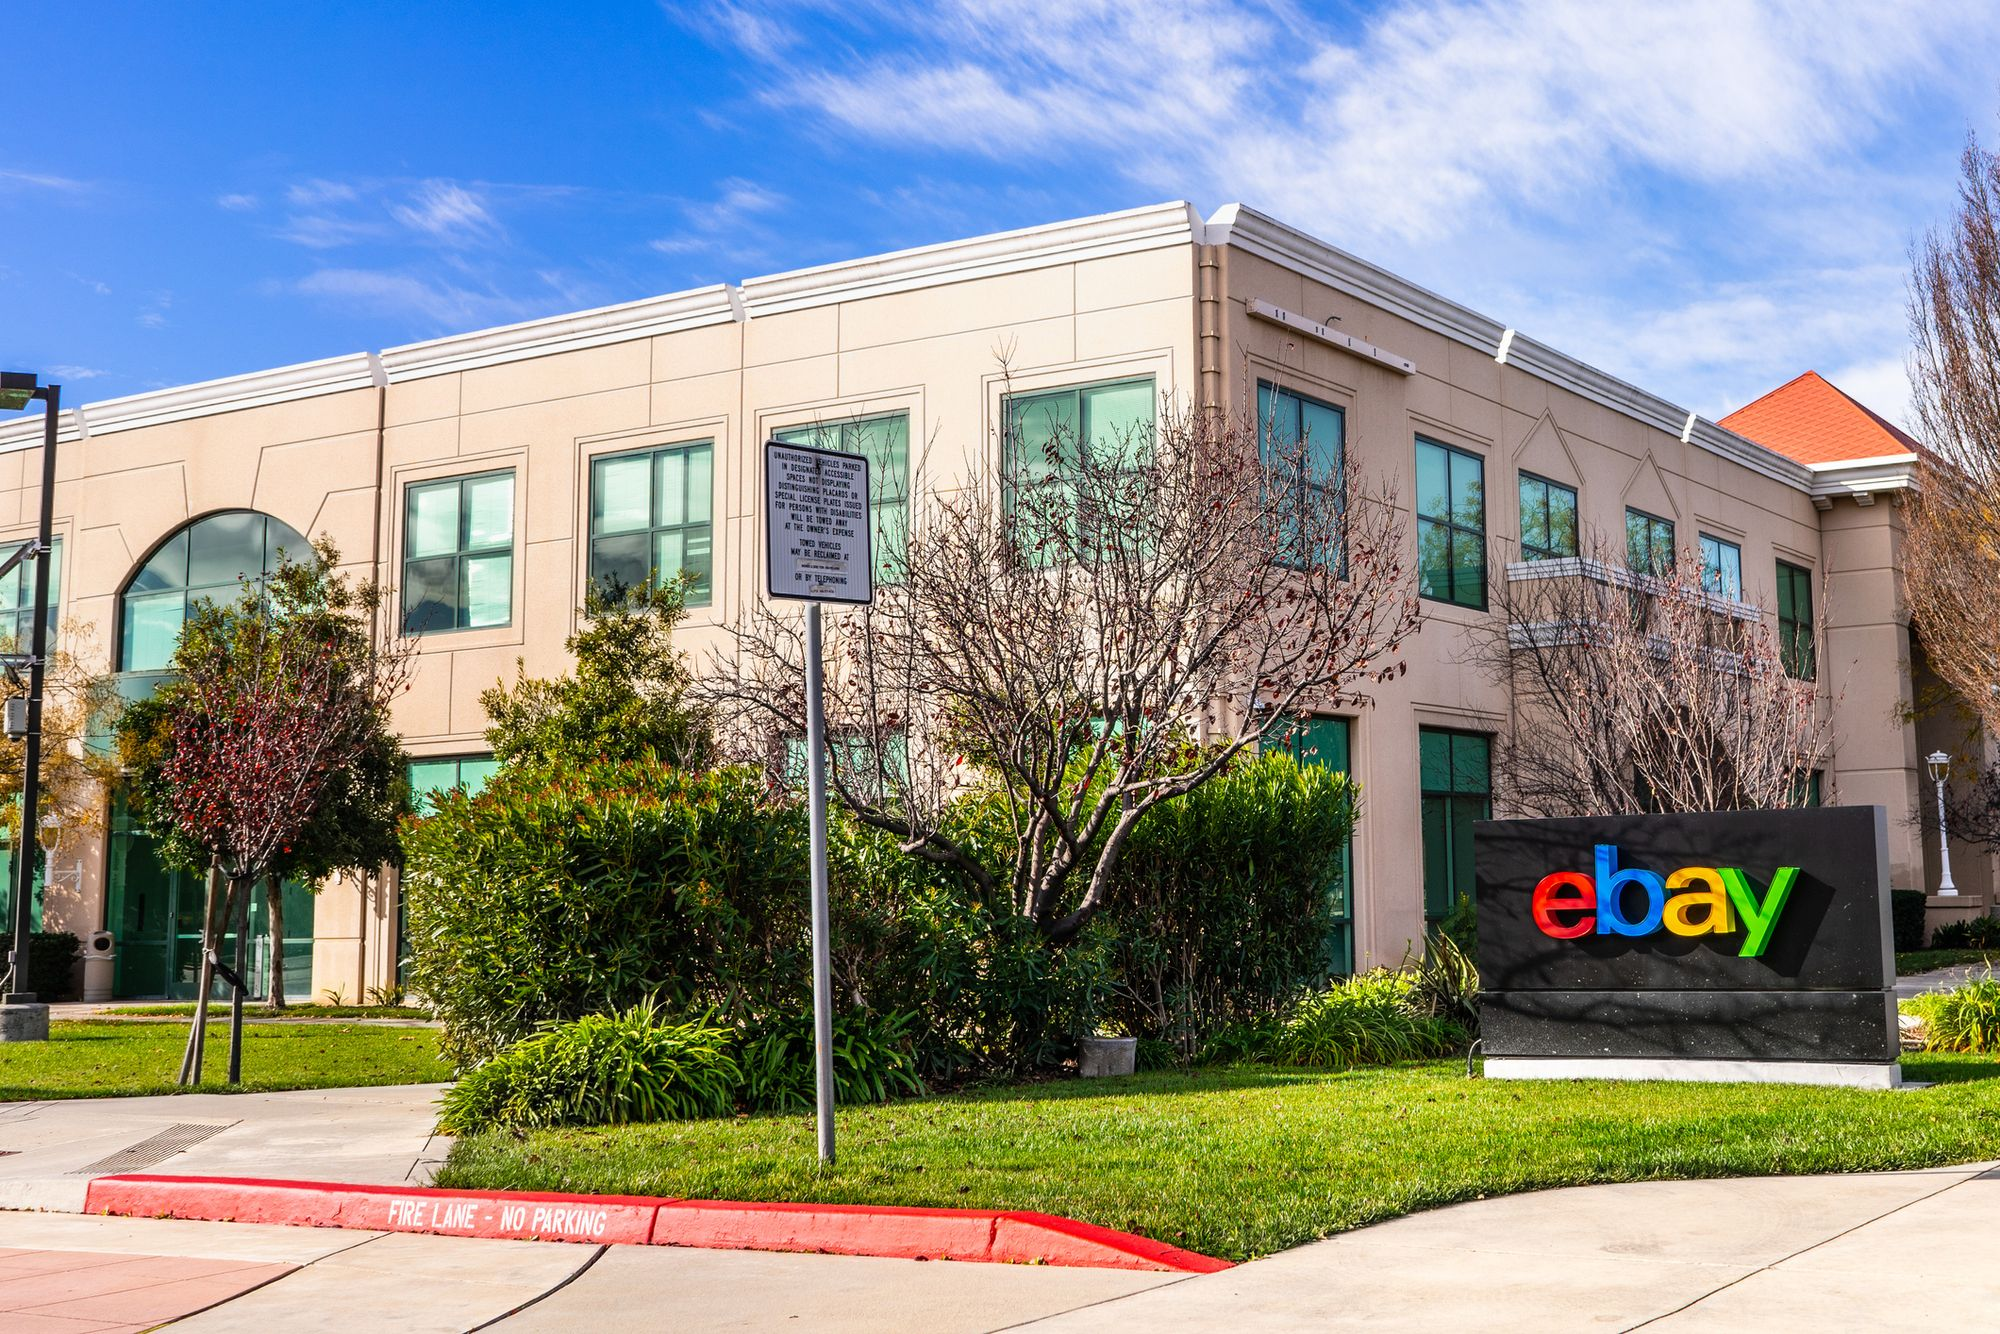 Chefe de segurança do eBay é preso por perseguição e ameaças cibernéticas